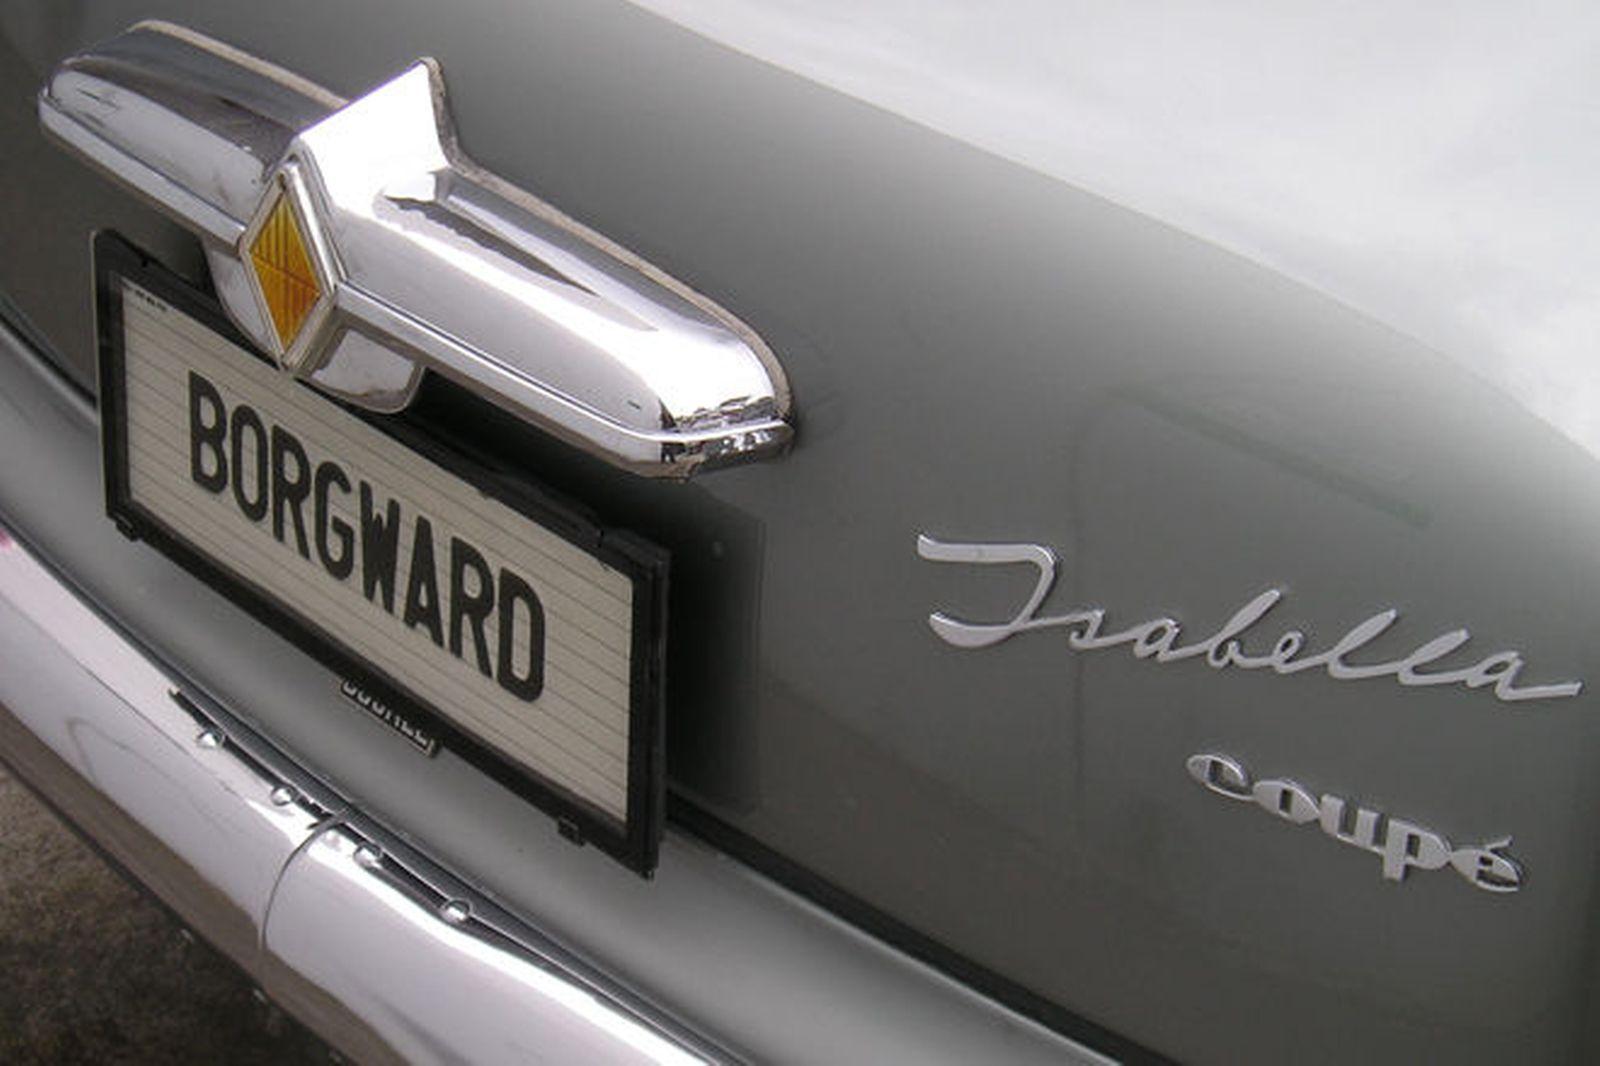 Borgward Isabella TS Coupe